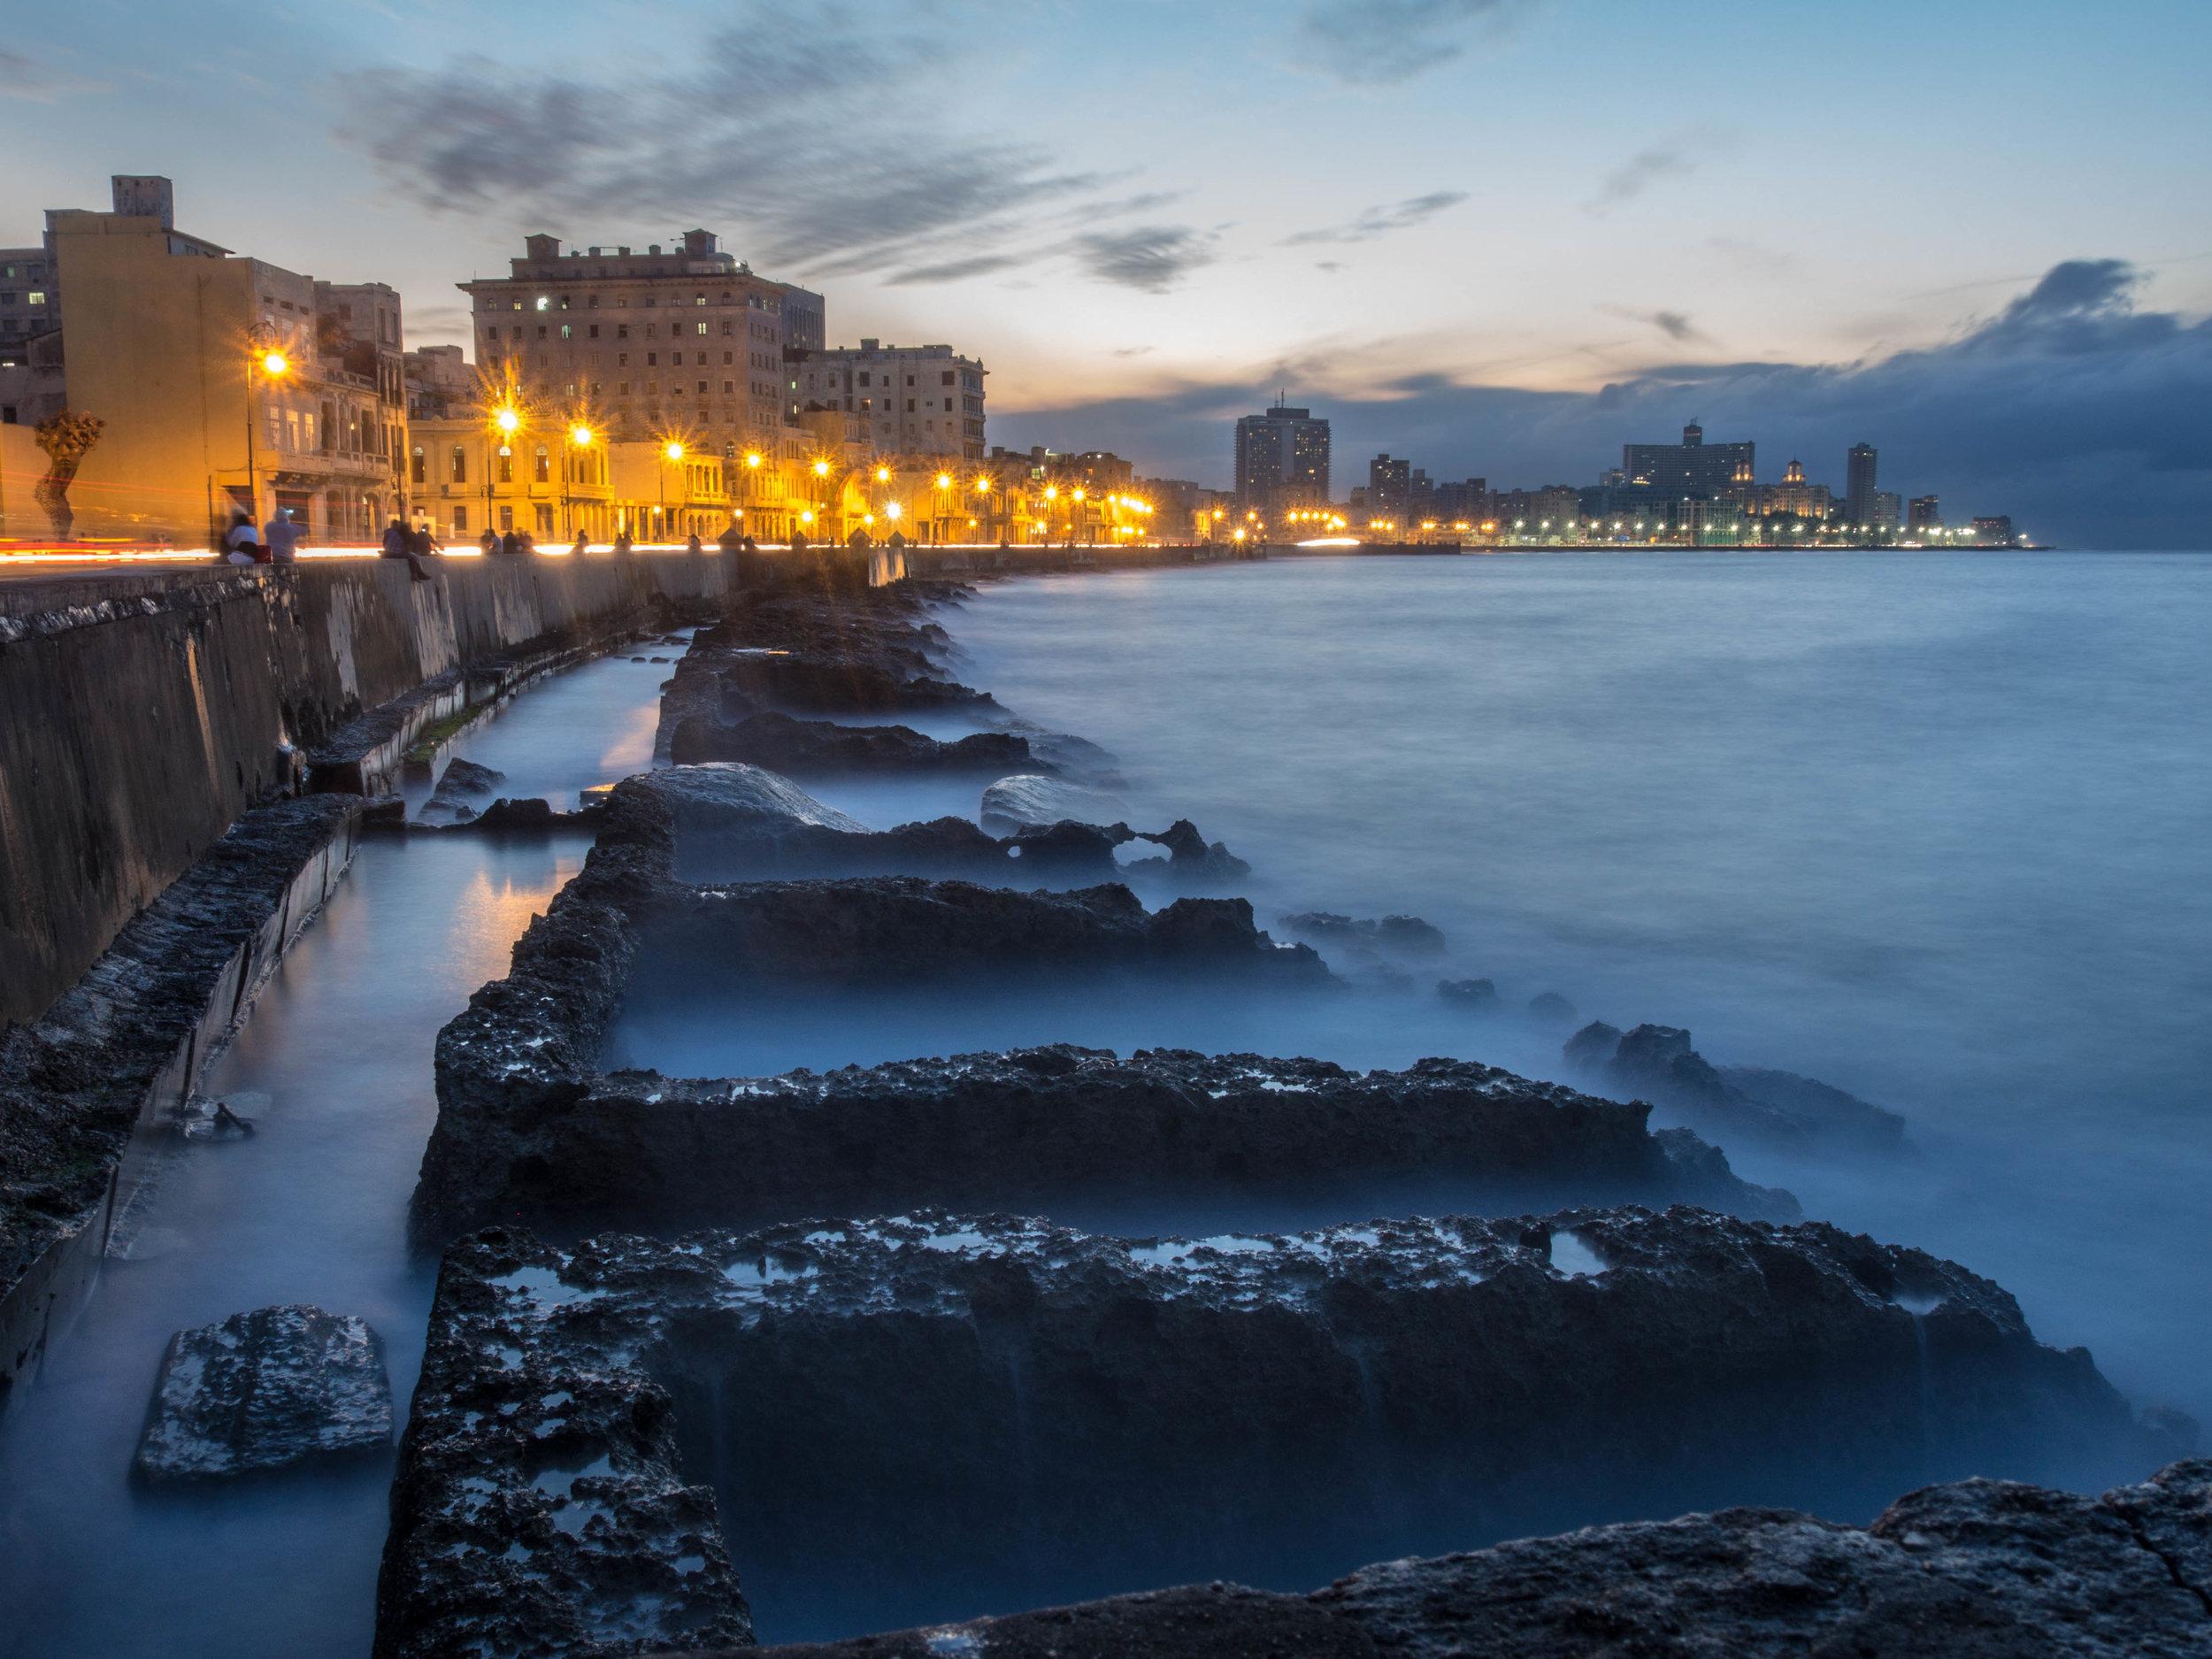 La Habana - ¿Quieres despedir el año disfrutando del calor caribeño? La Habana en Cuba es la respuesta. Aquí podrás disfrutar de playas y actividades al aire libre en plena época invernal, sin sacrificar el espíritu de la época navideña. El pueblo cubano, celebra la Navidad con alegría y estar allí te contagiará y hará de tu viaje uno especial. La Habana, mantiene sus costos de hospedajes y actividades relativamente económicos durante la época navideña lo que hará que puedas disfrutar tu viaje sin gastar una fortuna.